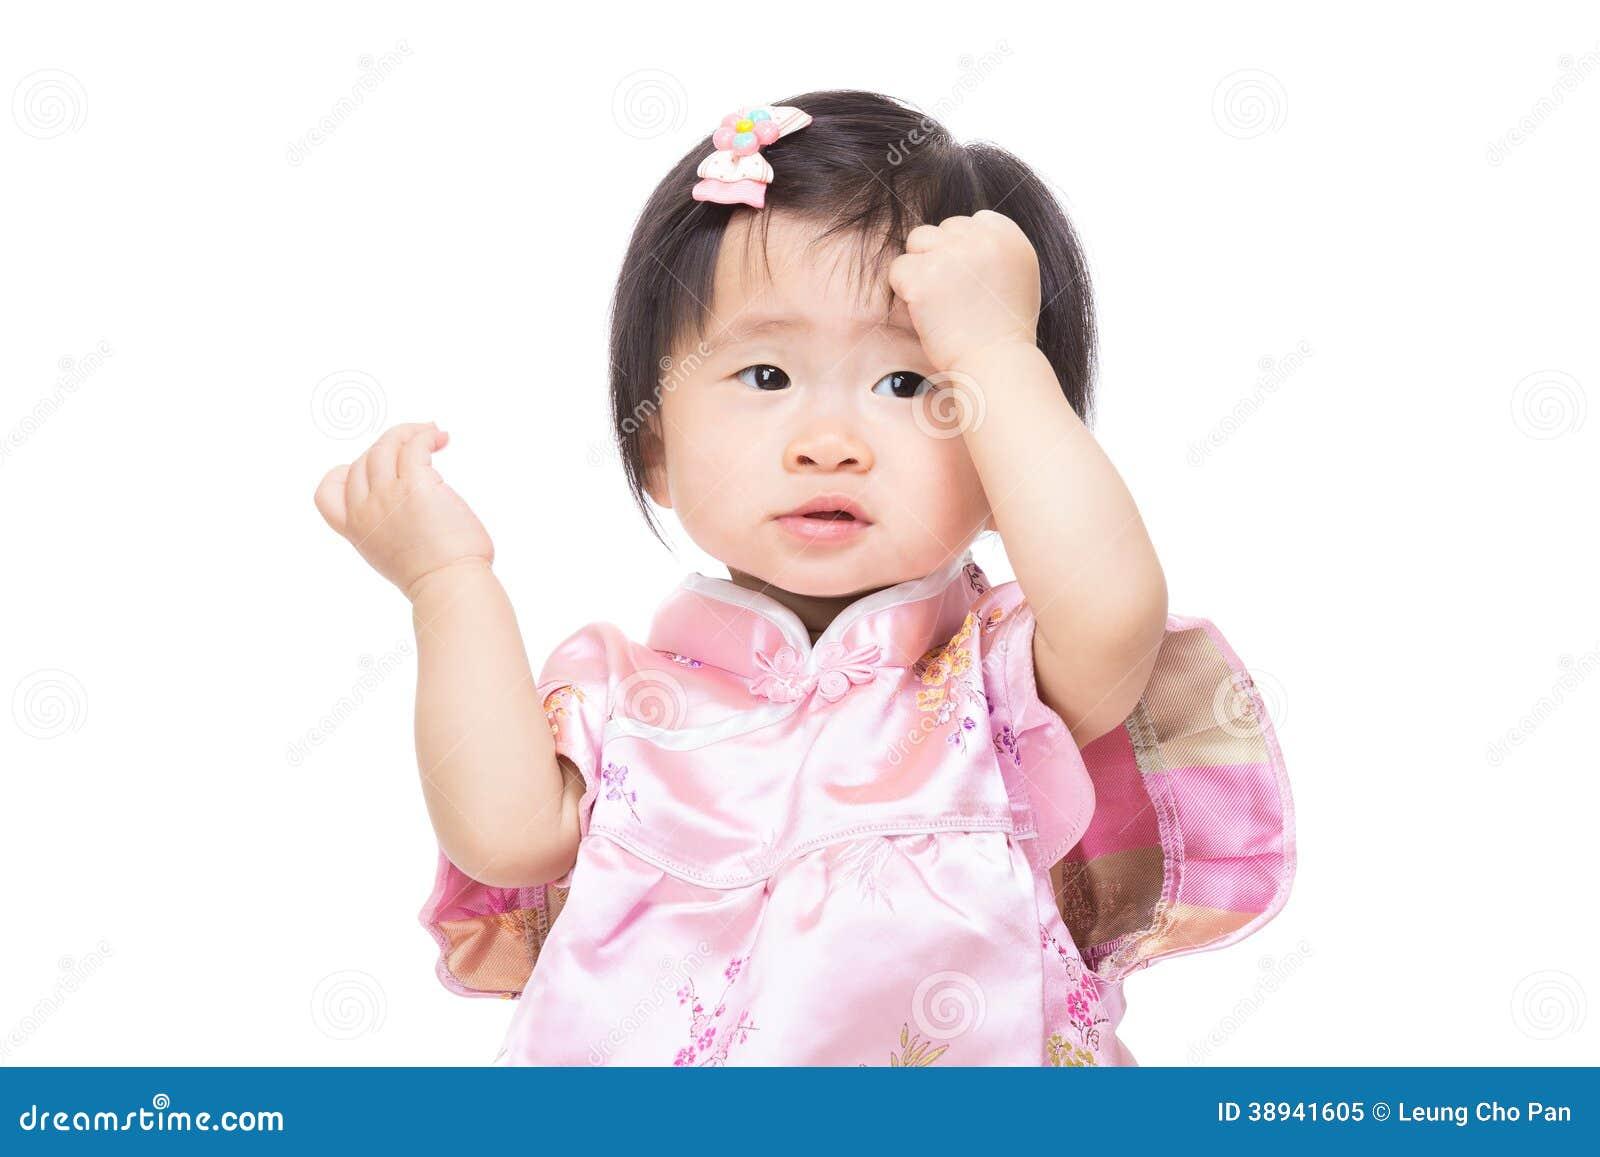 Китайский ребёнок касается ее голове